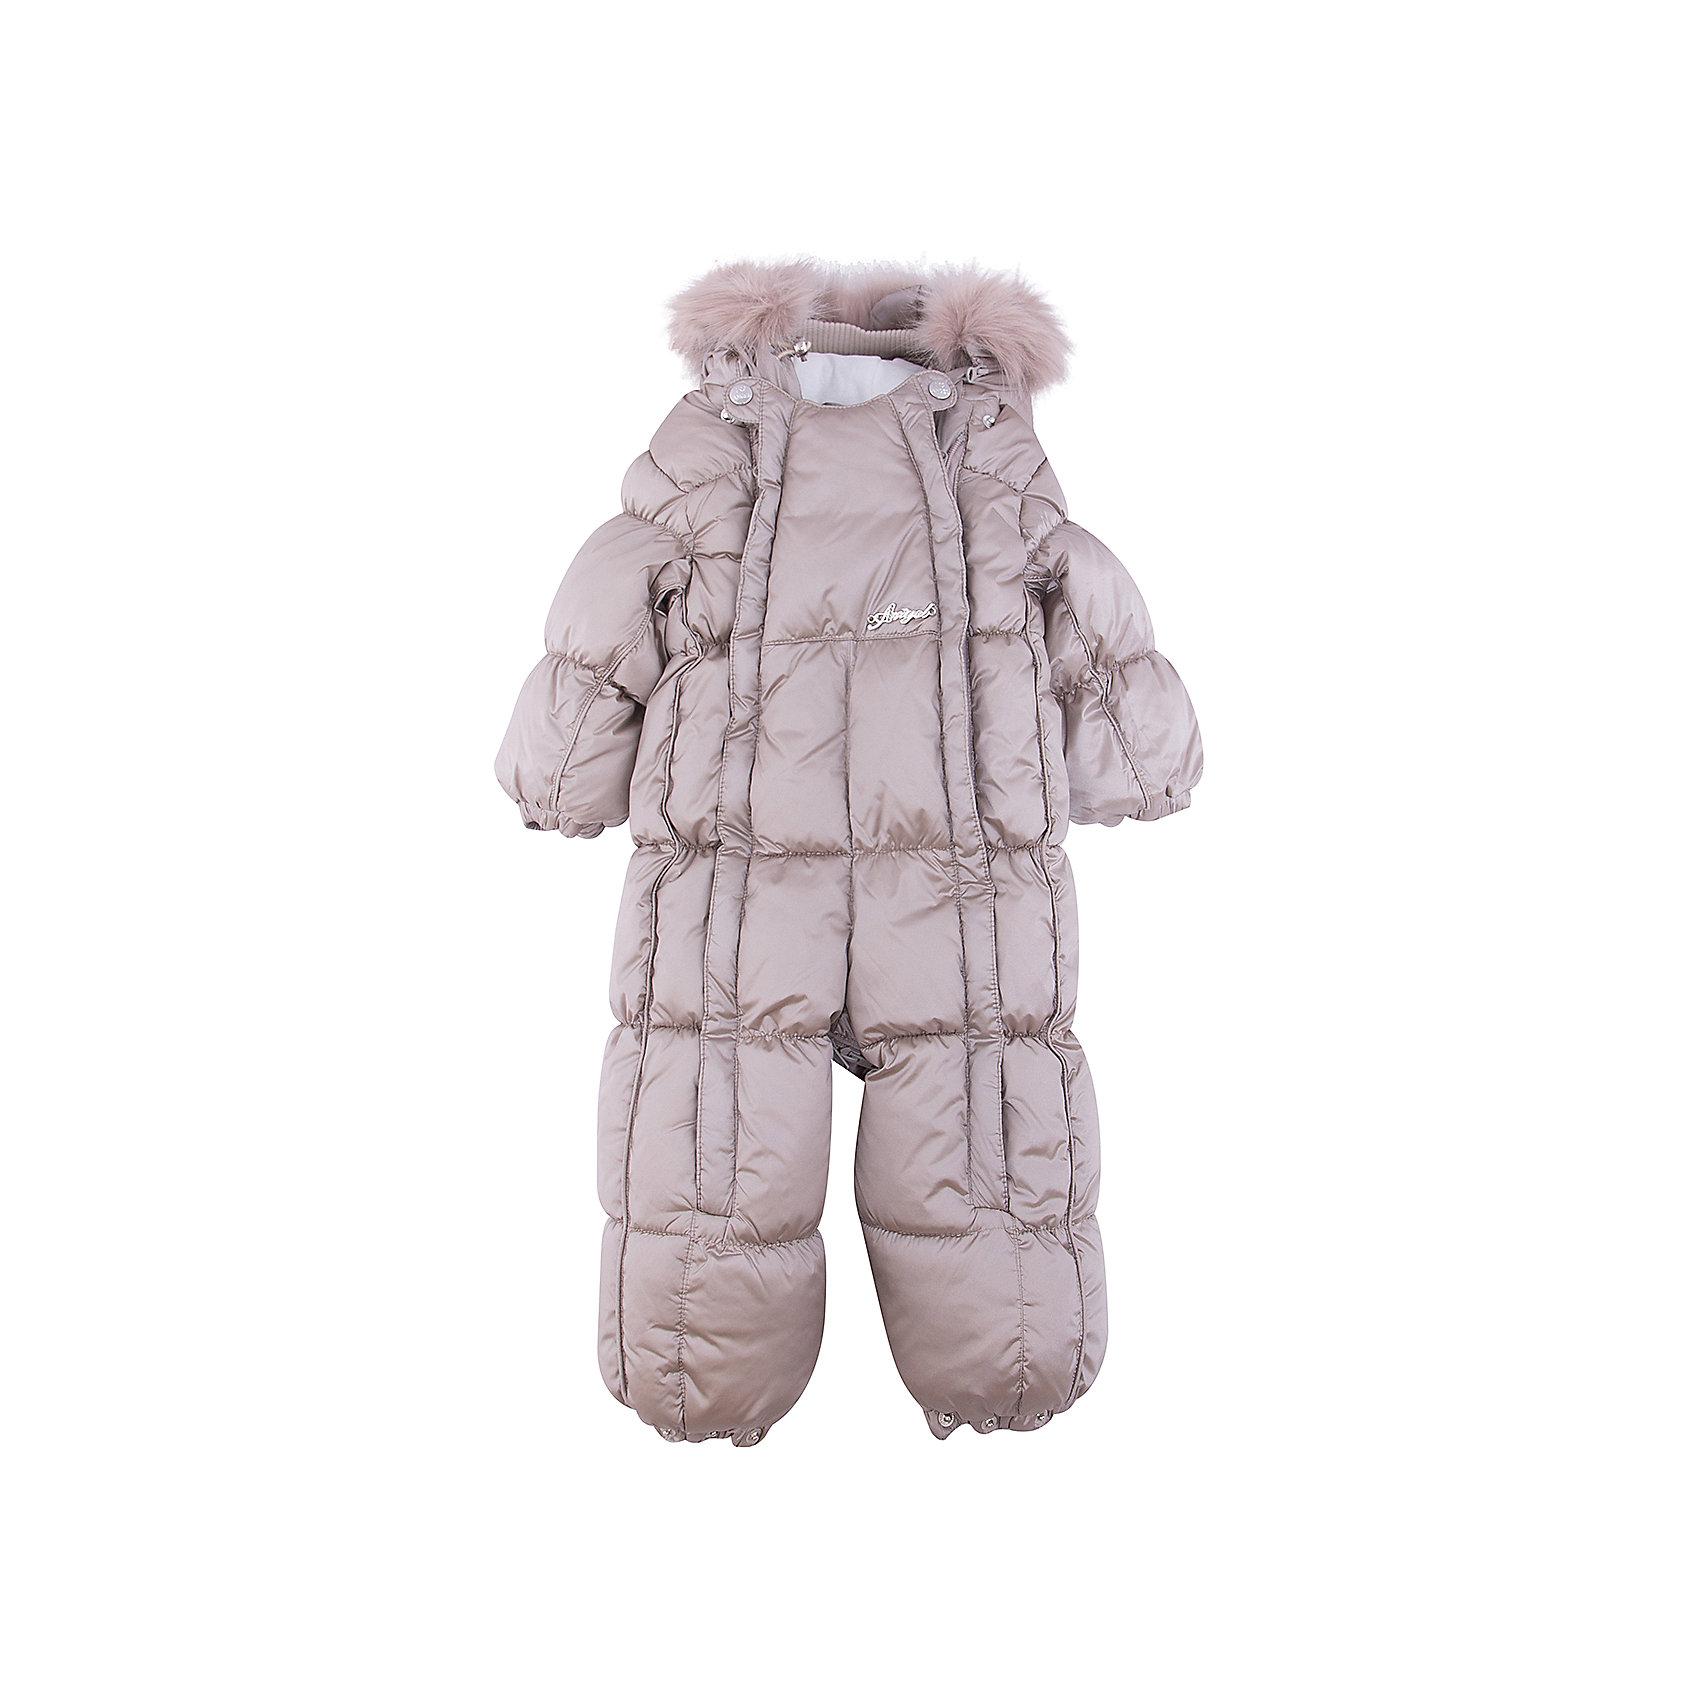 Комбинезон-трансформер Жемчуг OLDOSВерхняя одежда<br>Характеристики товара:<br><br>• цвет: белый<br>• состав ткани: 100% полиэстер, пропитка PU, Teflon<br>• подкладка: хлопок<br>• утеплитель: искусственный лебяжий пух<br>• сезон: зима<br>• температурный режим: от -35 до 0<br>• застежка: молния<br>• капюшон: с мехом, несъемный<br>• пинетки, варежки, опушка отстегиваются<br>• трансформируется в конверт<br>• страна бренда: Россия<br>• страна изготовитель: Россия<br><br>Симпатичный комбинезон-трансформер легко трансформируется в конверт. Верх этого детского комбинезона - с пропиткой от грязи и влаги. Мягкая подкладка детского комбинезона-трансформера для зимы приятна на ощупь. Удобный комбинезон-трансформер для ребенка дополнен съемными пинетками и варежками. <br><br>Комбинезон-трансформер Жемчуг Oldos (Олдос) для девочки можно купить в нашем интернет-магазине.<br><br>Ширина мм: 356<br>Глубина мм: 10<br>Высота мм: 245<br>Вес г: 519<br>Цвет: белый<br>Возраст от месяцев: 3<br>Возраст до месяцев: 6<br>Пол: Унисекс<br>Возраст: Детский<br>Размер: 68,86,80,74<br>SKU: 7016643